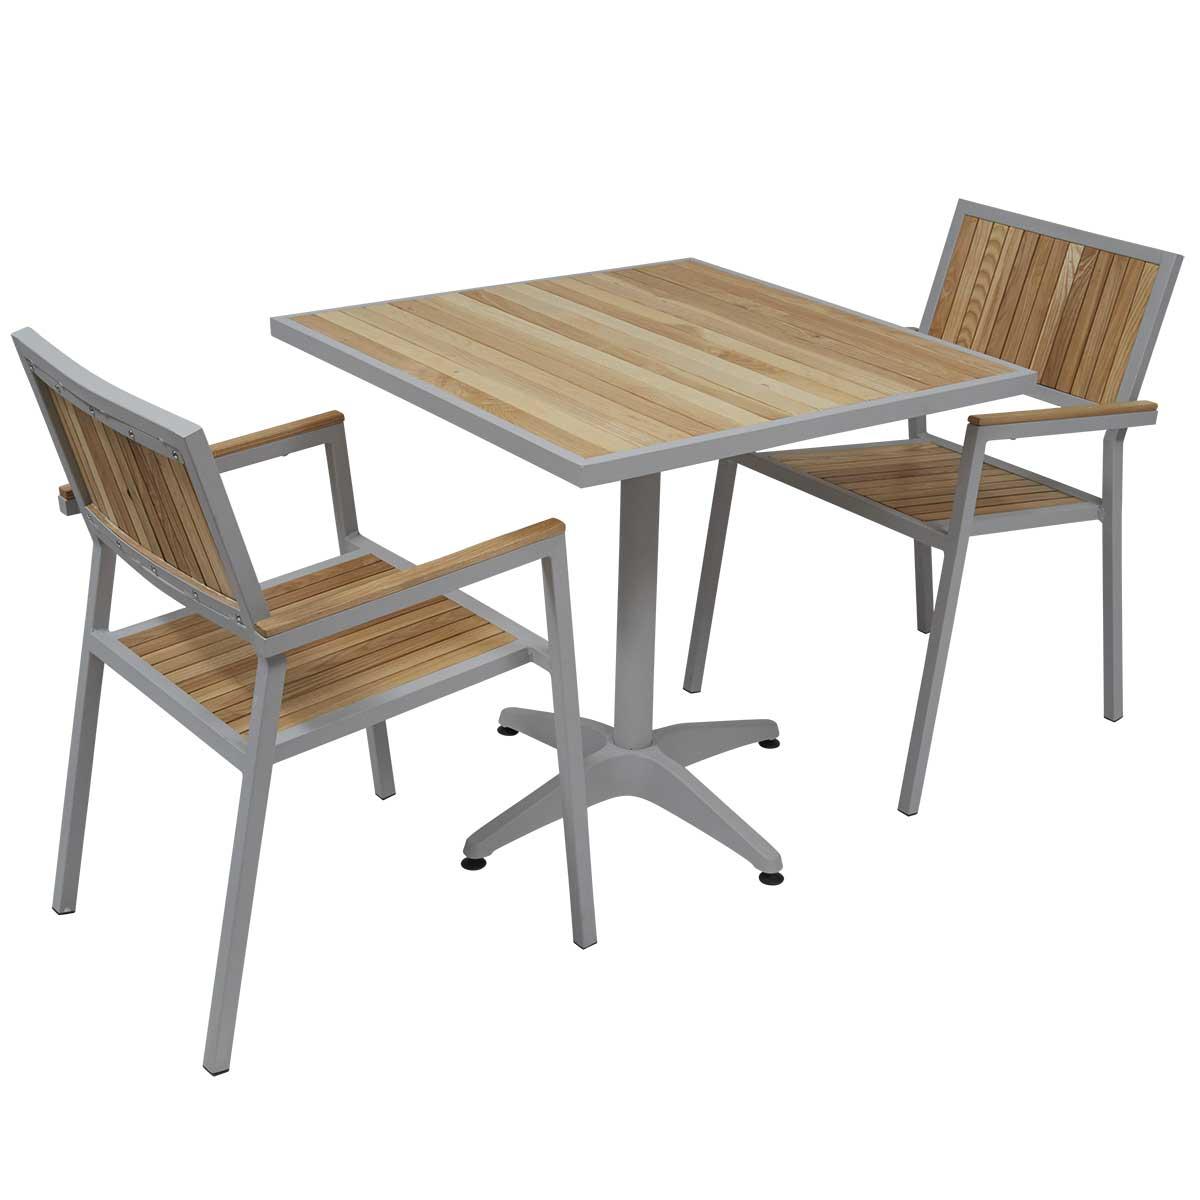 Table et chaise de jardin pas cher en bois veranda Chaise de terrasse pas cher